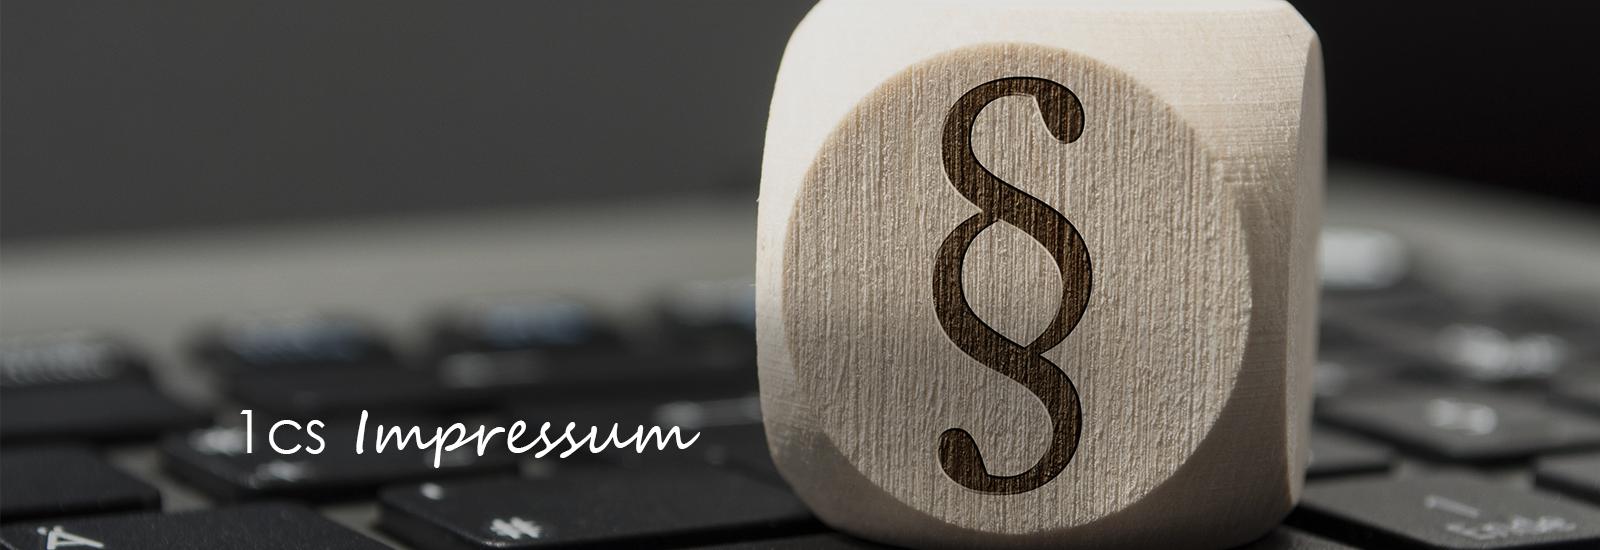 Unterschrift auf Unterlagen in Rechtskanzlei mit Waage im Vordergrund und Hammer